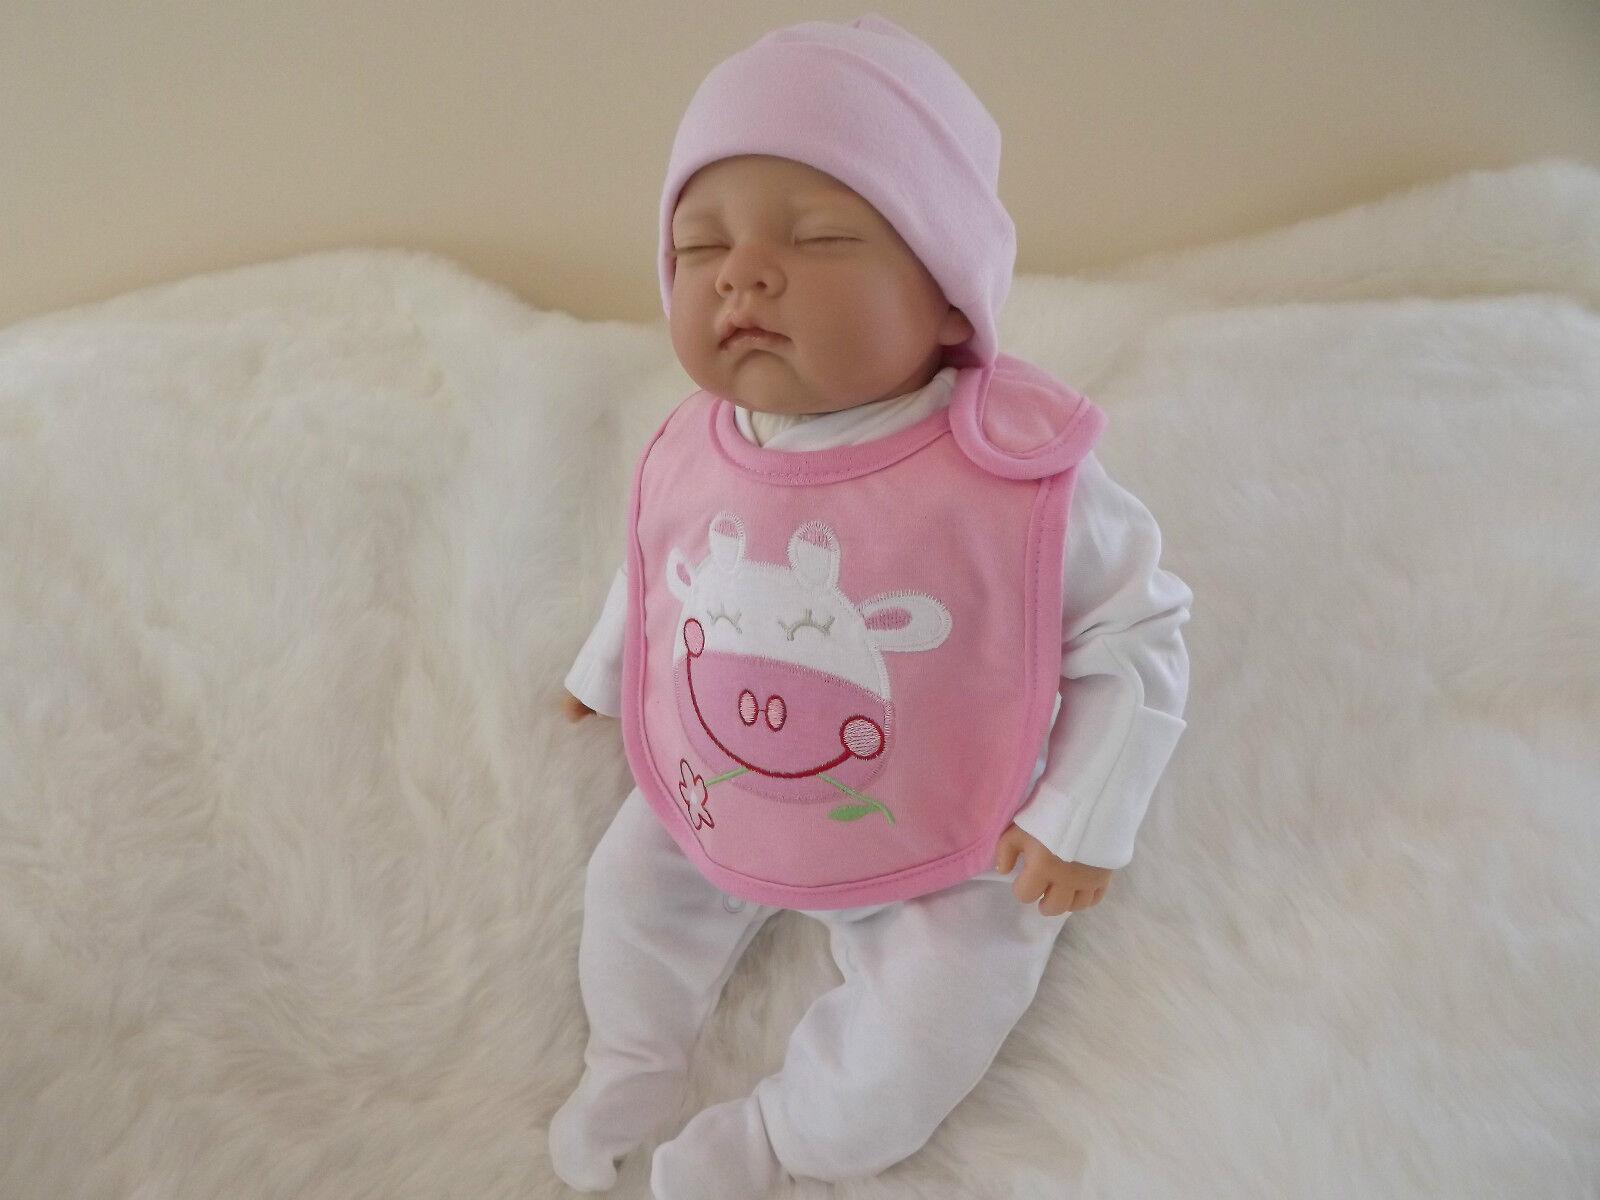 P. Madeline gos realista Reborn Bebé Muñeca niño niñas cumpleaños regalo de Navidad